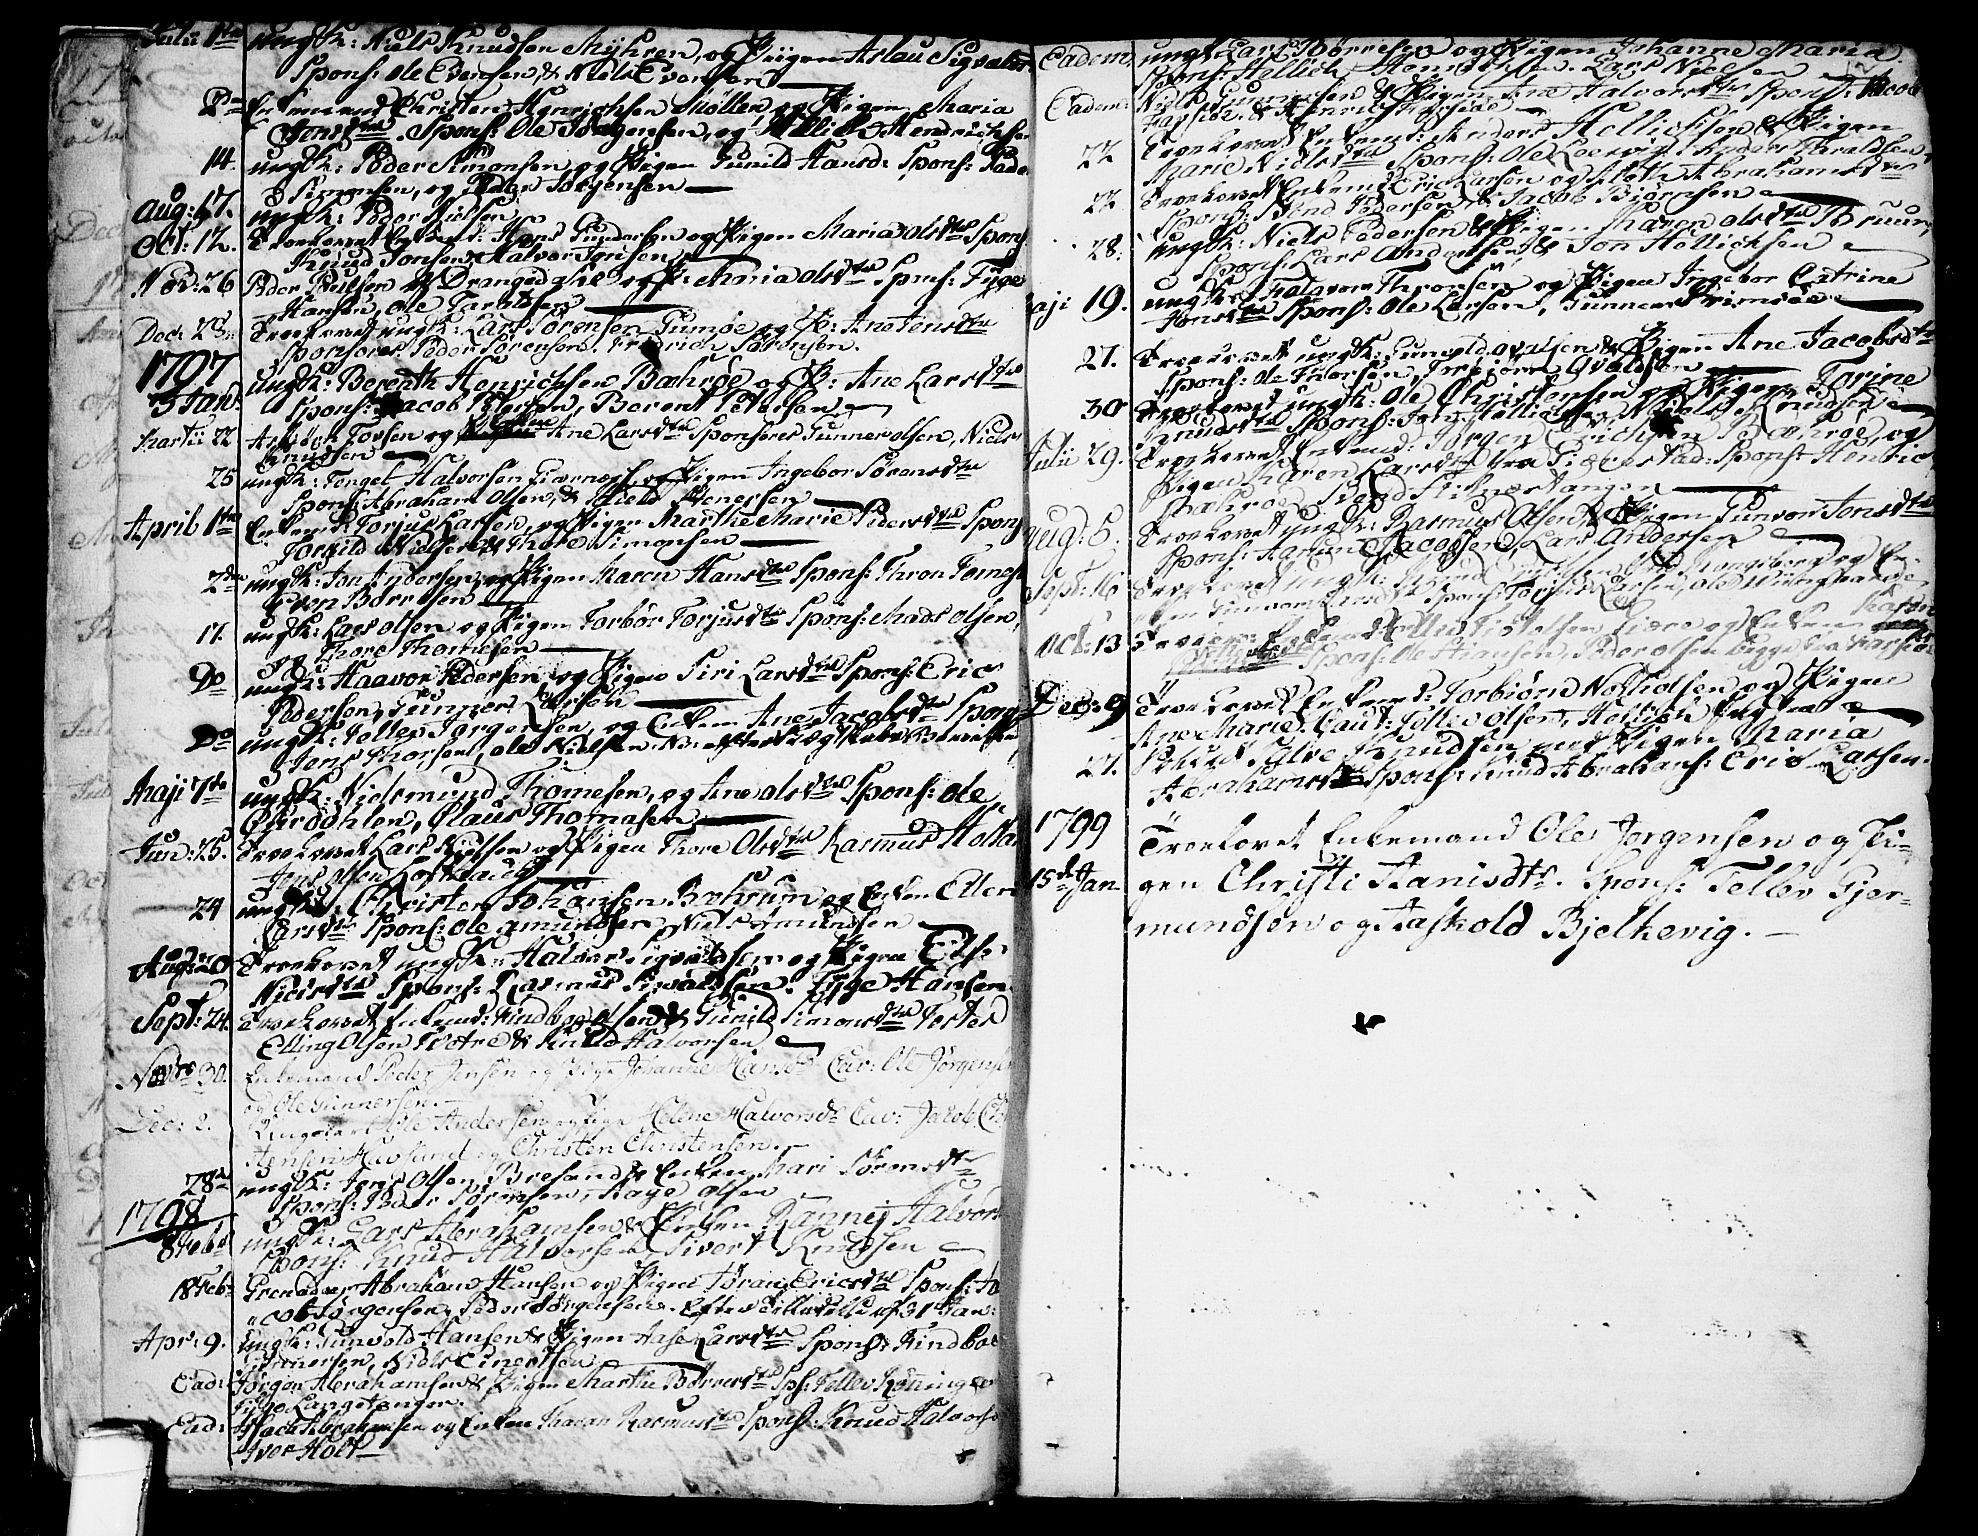 SAKO, Sannidal kirkebøker, F/Fa/L0002: Ministerialbok nr. 2, 1767-1802, s. 9